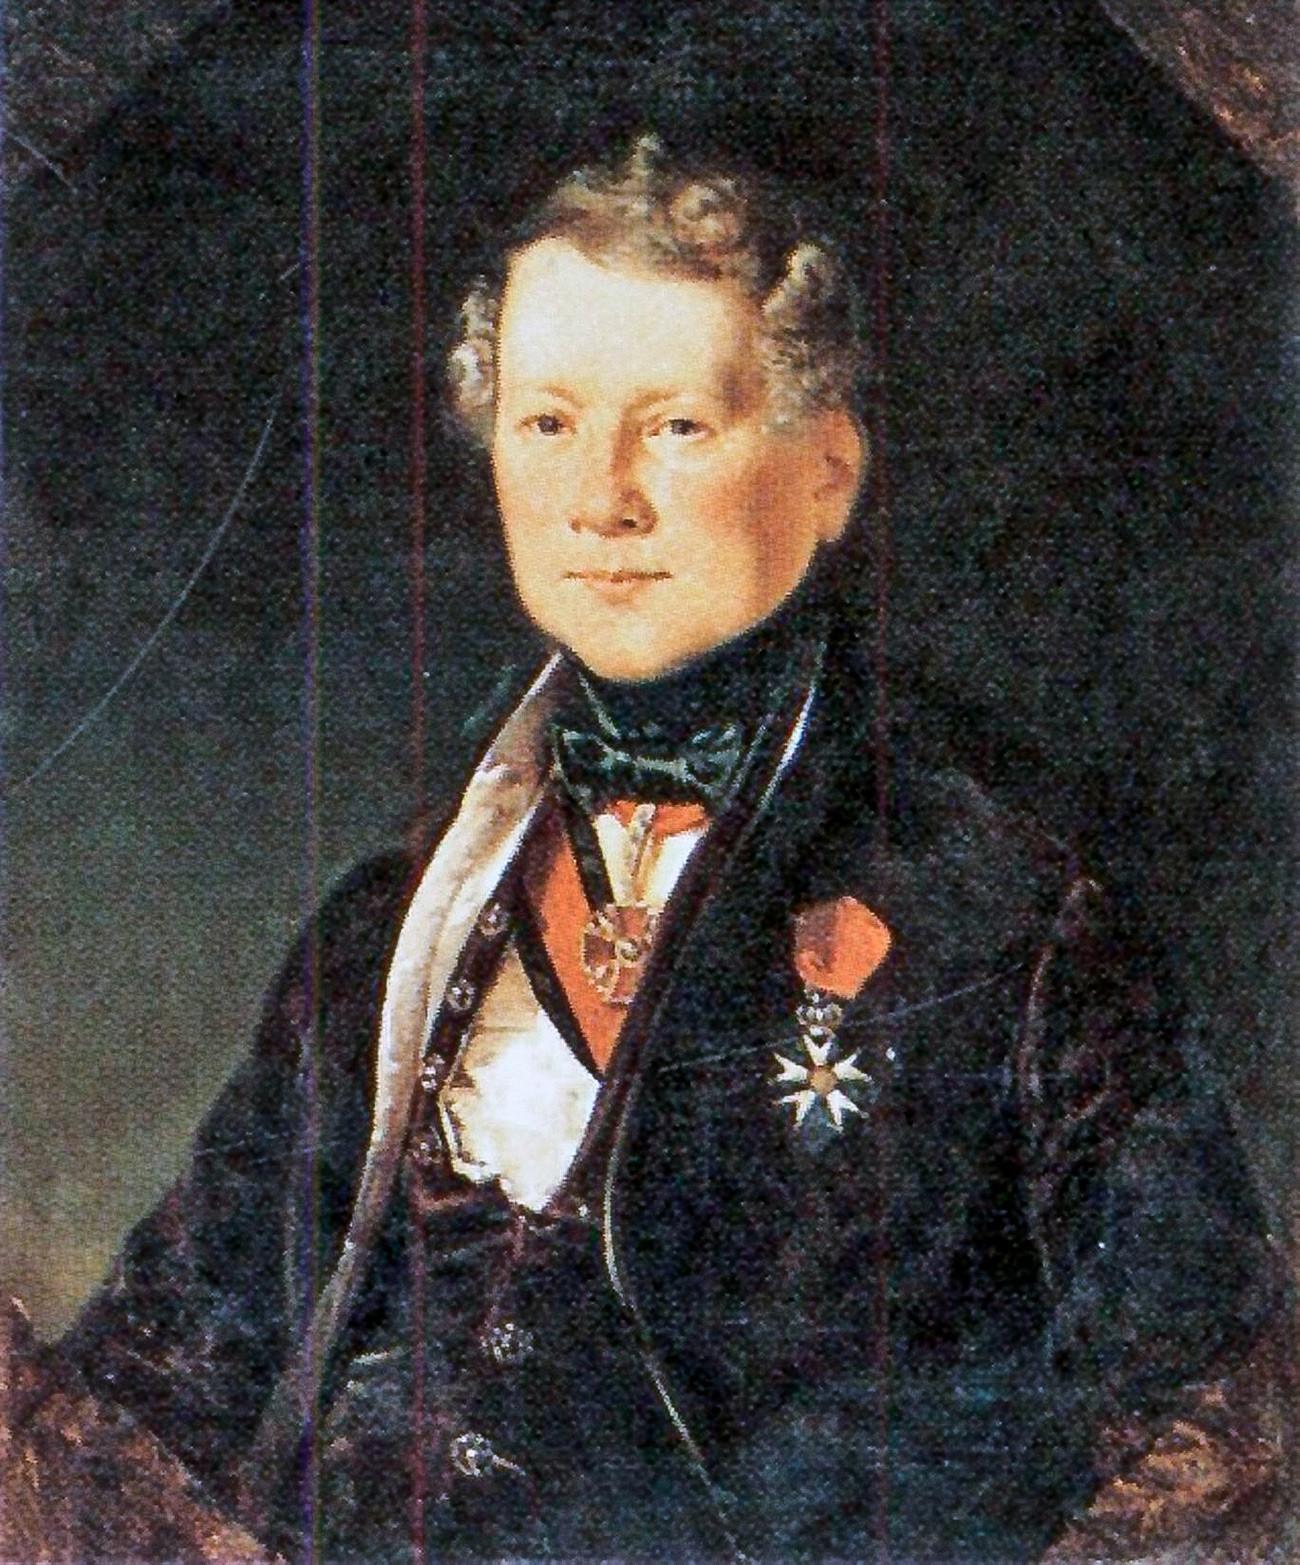 Henri Louis Auguste Ricard de Montferrand by Eugène Pluchart, 1834